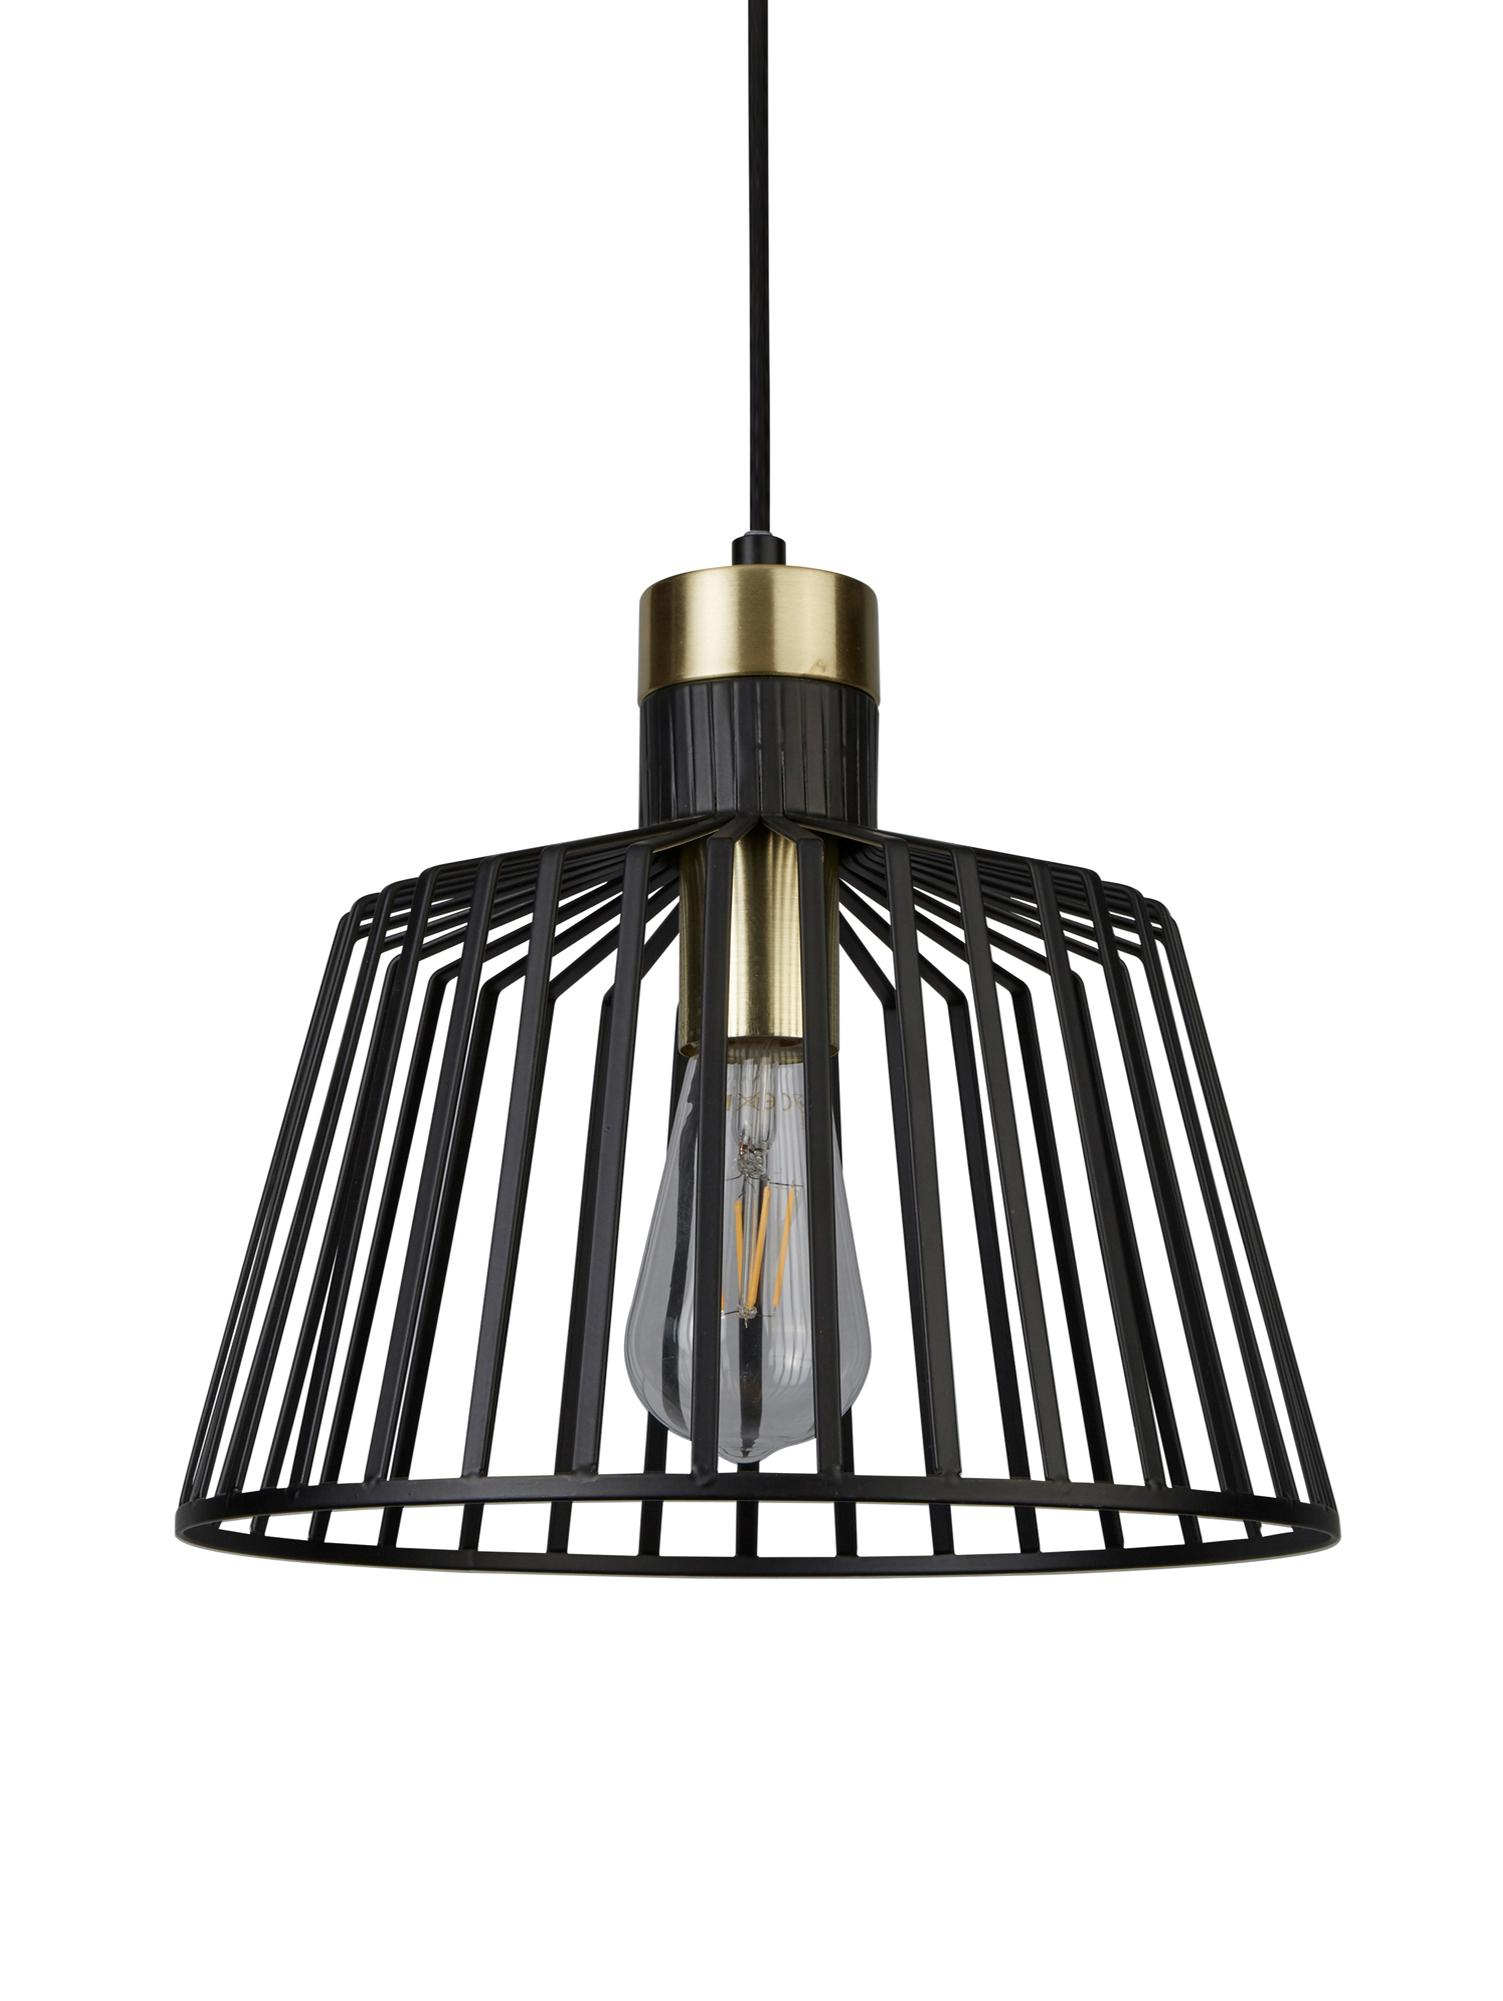 Pendelleuchte Bird Cage, Metall, beschichtet, Schwarz, Goldfarben, Ø 30 x H 27 cm